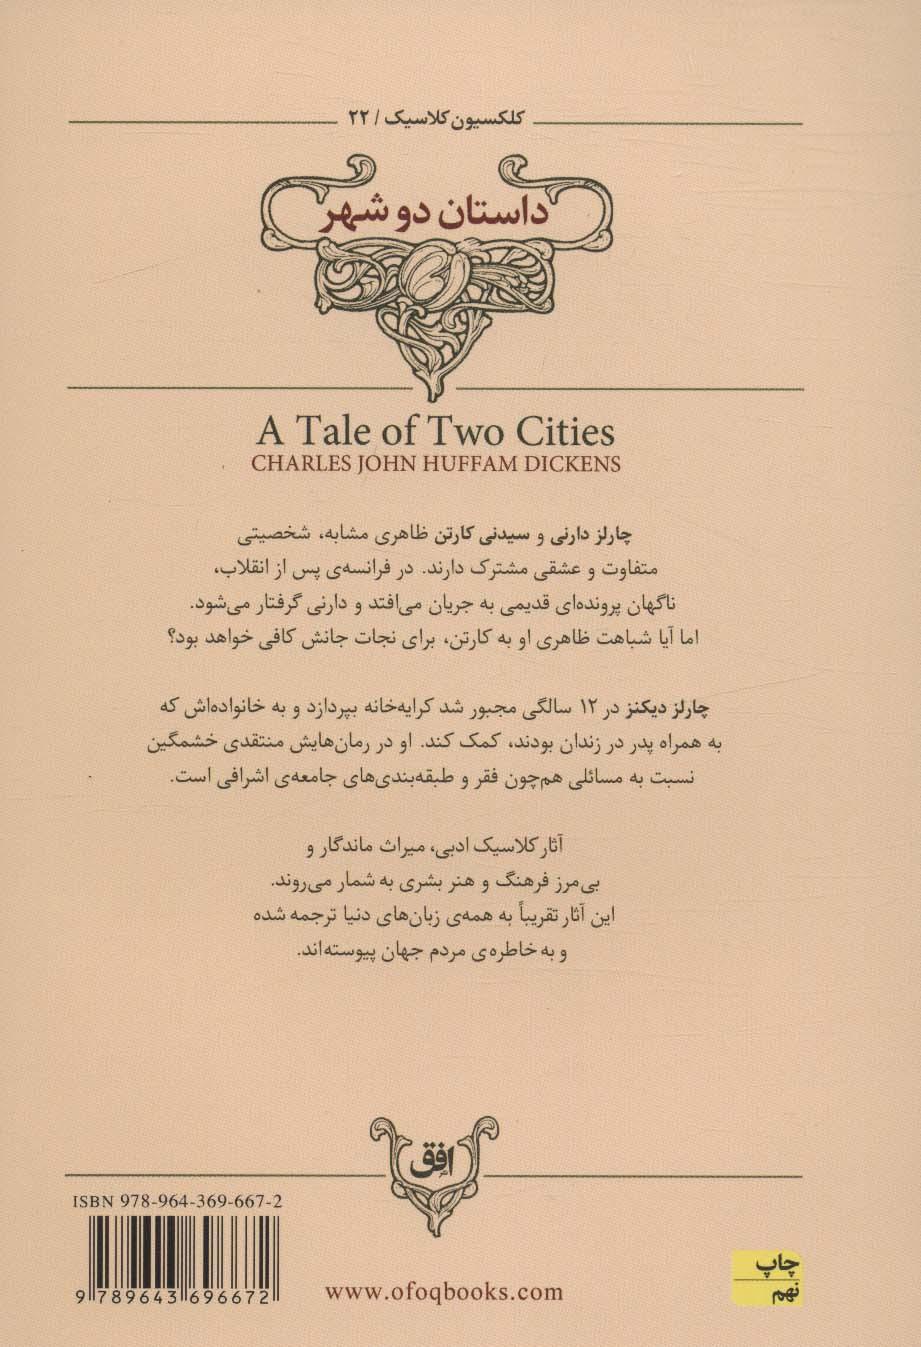 کلکسیون کلاسیک22 (داستان دو شهر)